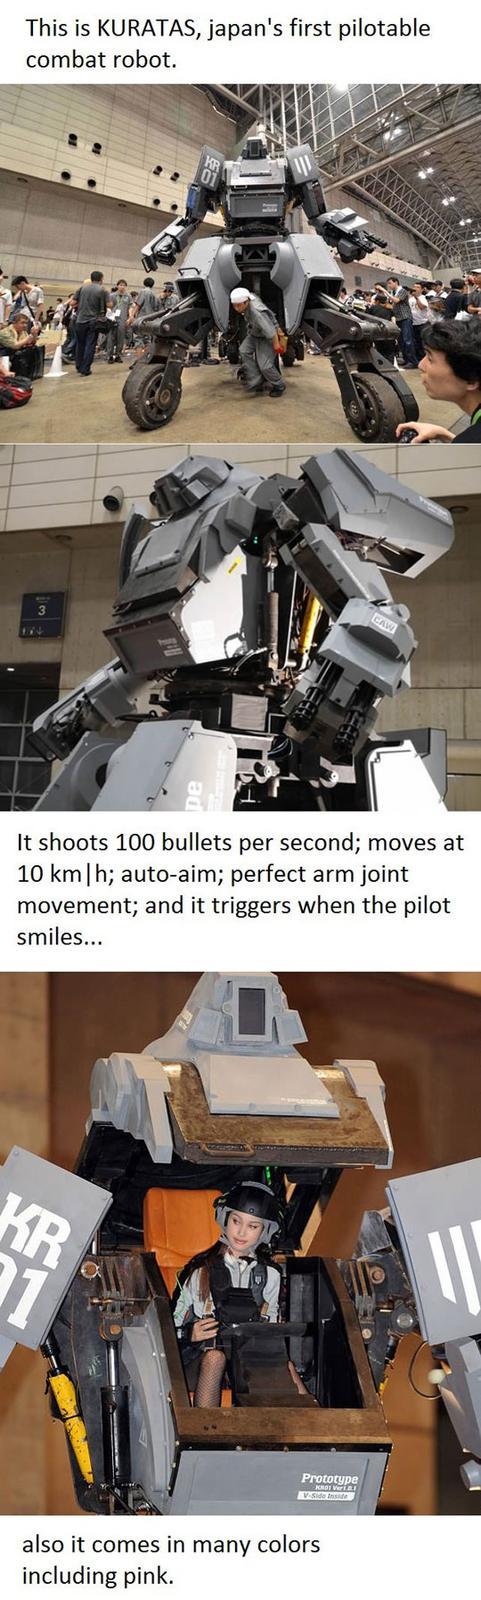 KURATAS, Japan's First Combat Robot